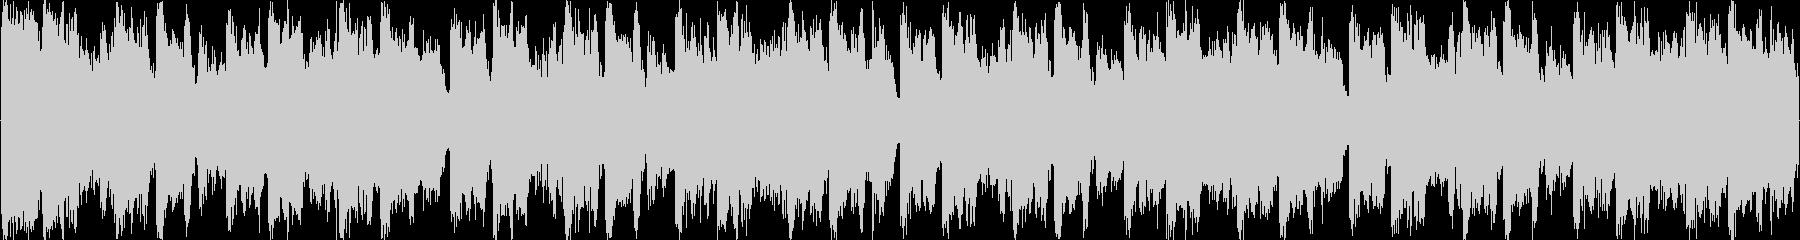 高揚感のあるなオーケストラゲームBGMの未再生の波形